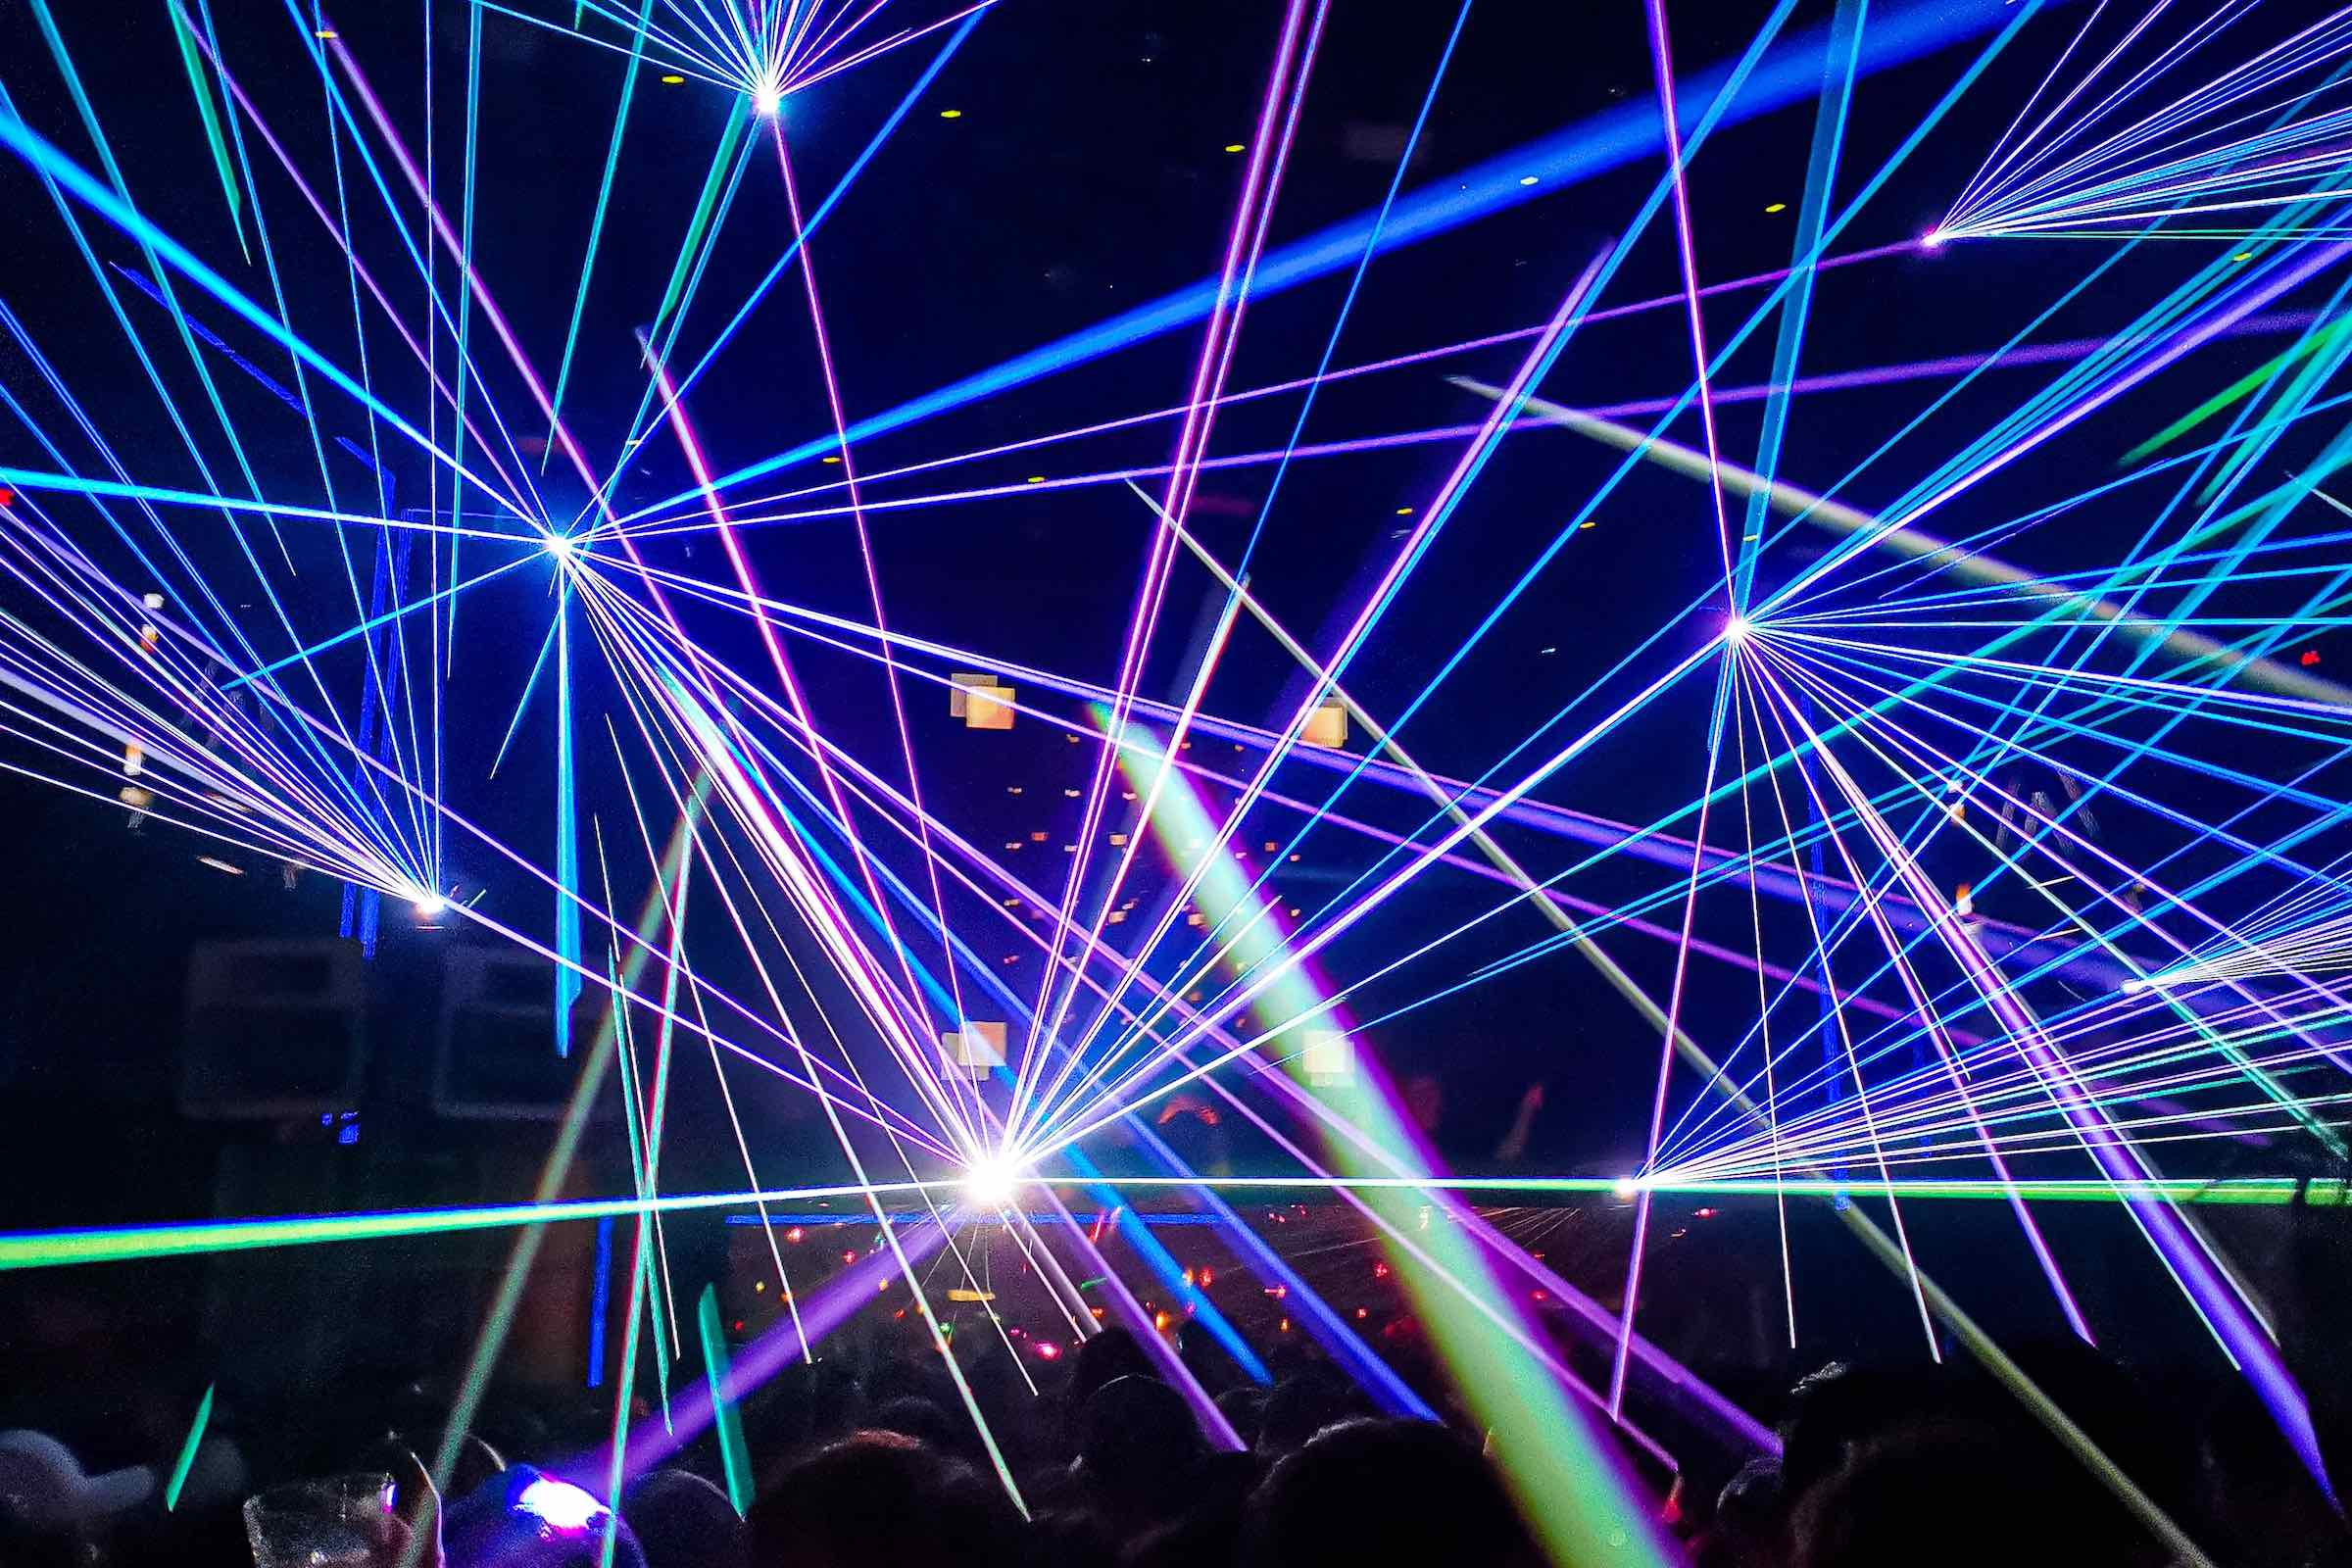 Lasershow |Laser |Jubiläum |Lichtshow |Lightshow |Beamshow |Lichttechnik |Outdoor |Indoor |Bühnenshow |Präsentation |Event |Business |Buchen |Anfragen |Lehmann |Eventservice